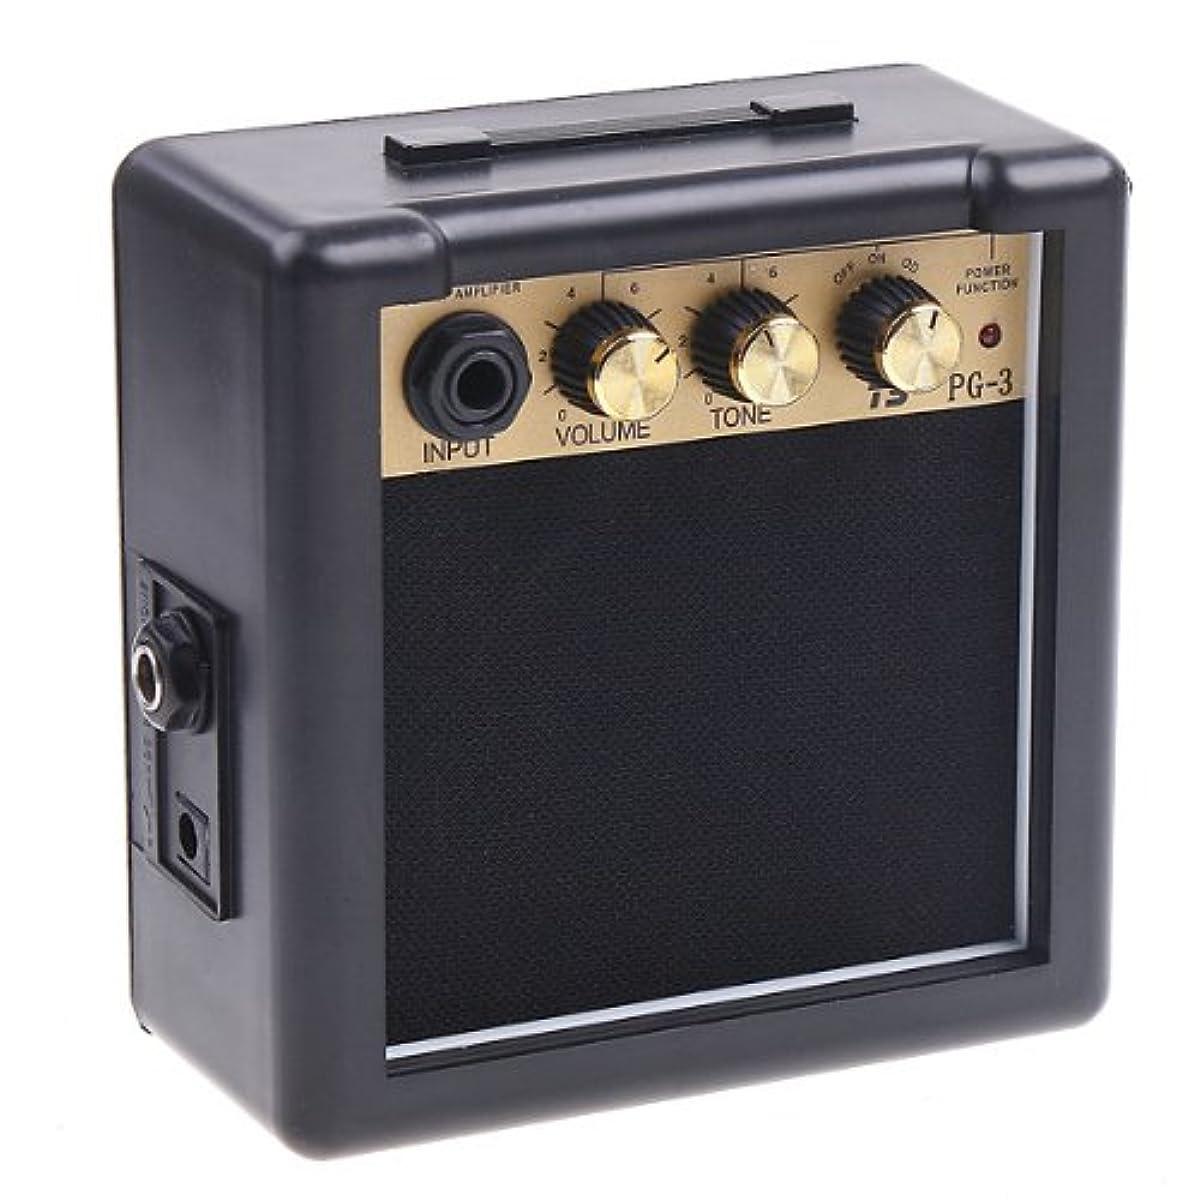 [해외] AMMOON 전기 기타 앰프 볼륨 톤 컨트롤 스피커 앰프 전기 기타 기타 대응 PG-I